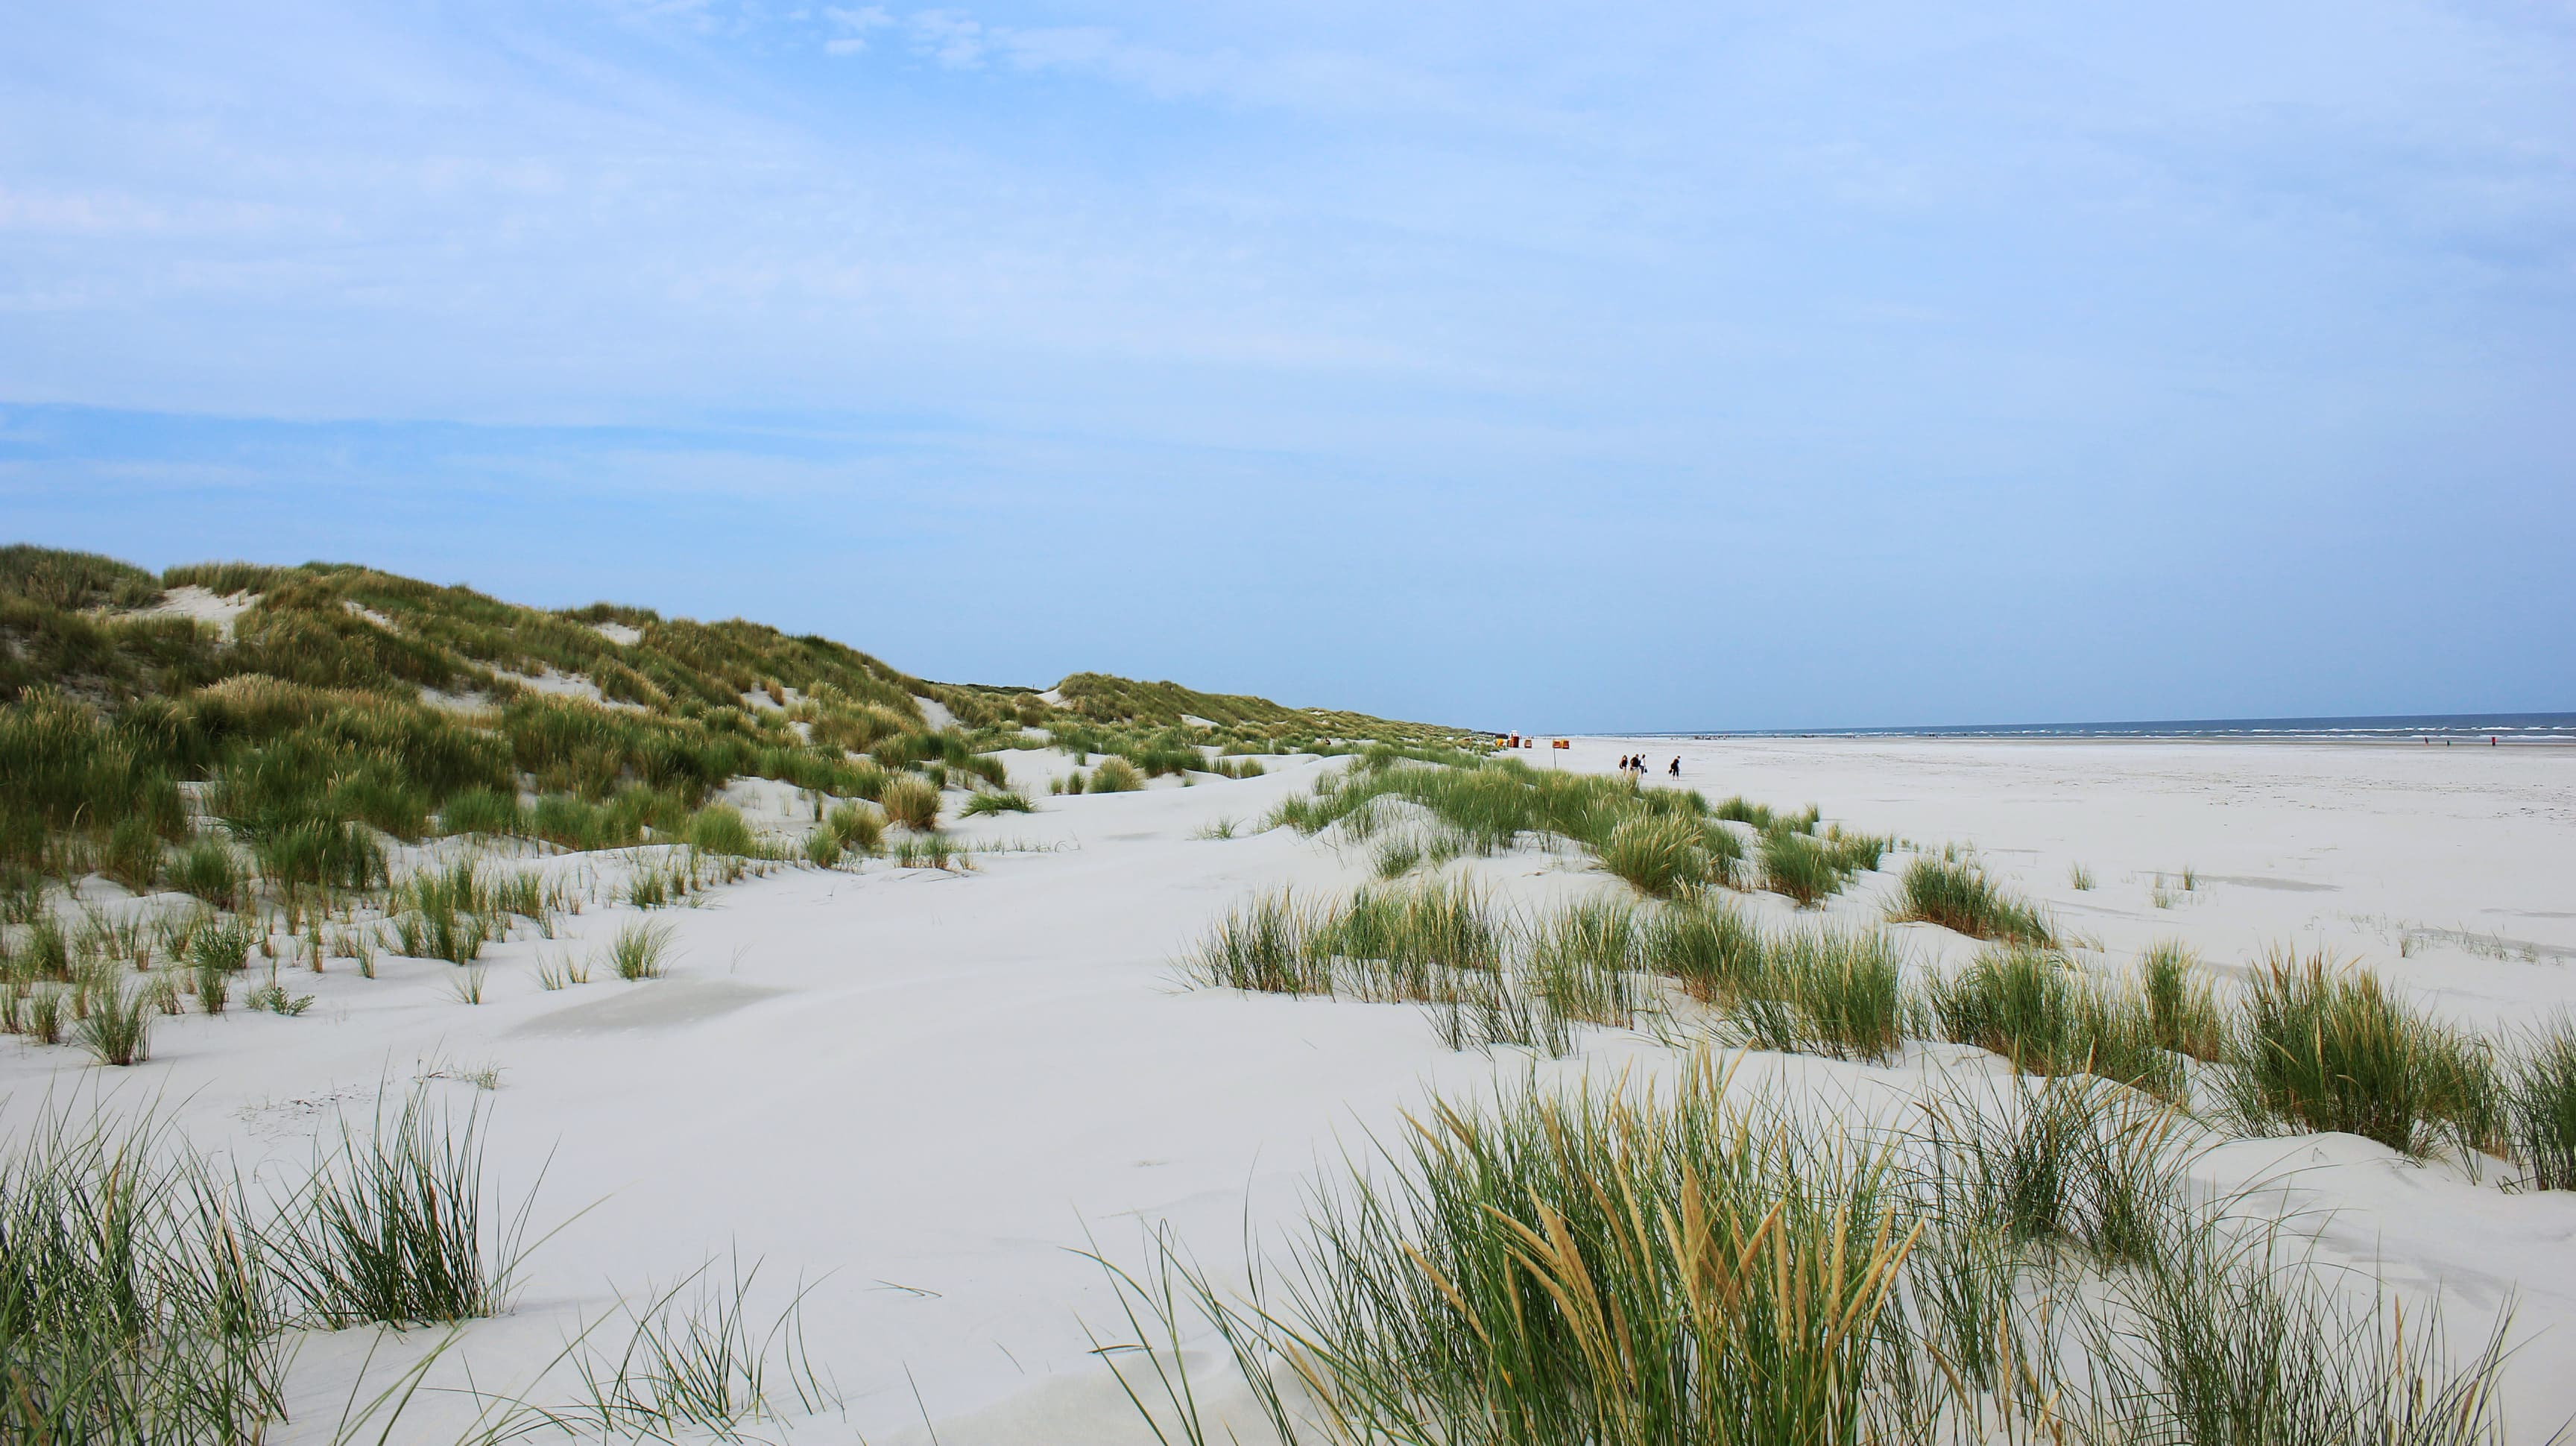 Am Rande des Strands: Die Dünen von Juist